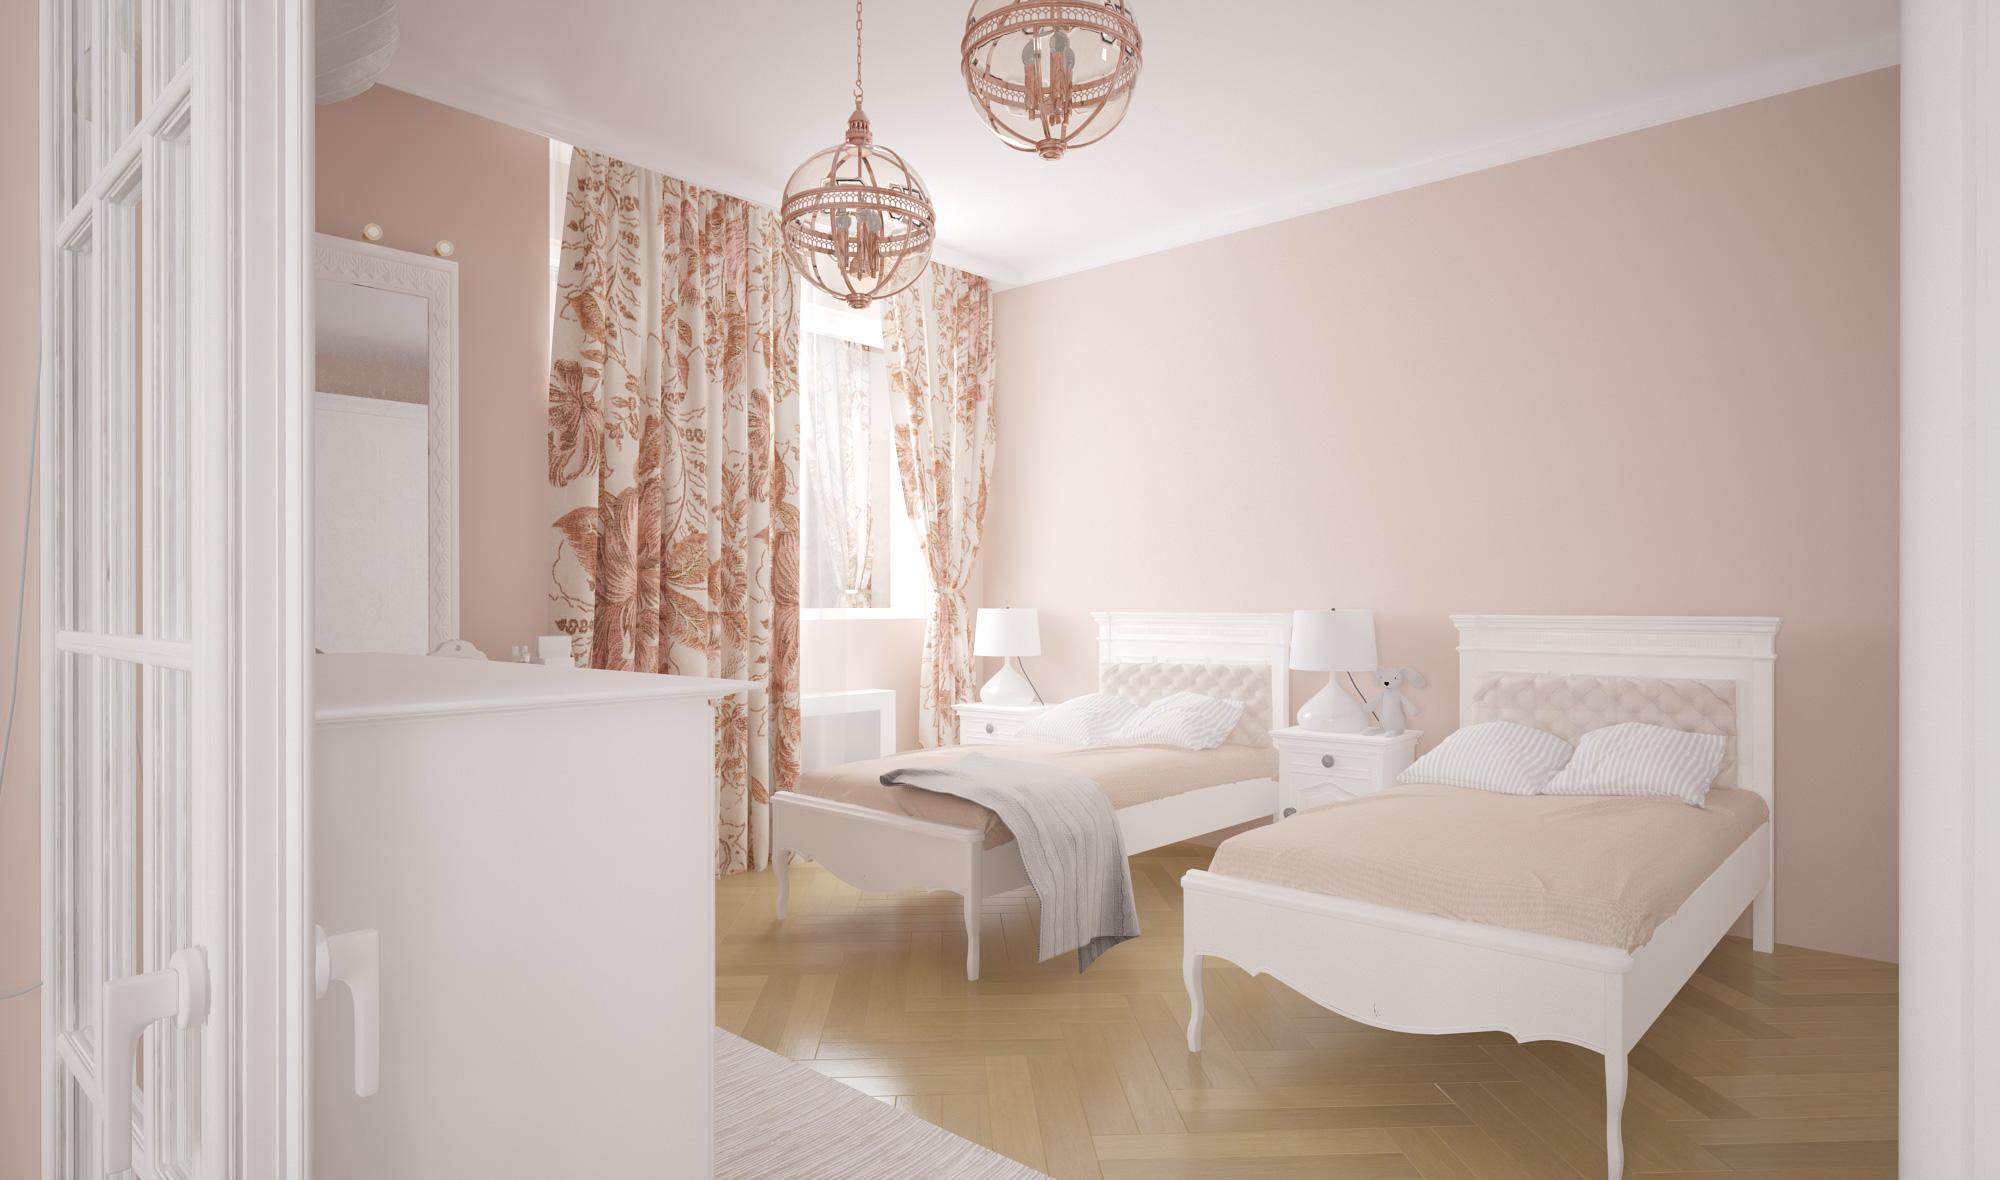 amenajare-interioara-apartament-cm-stil-clasic-2